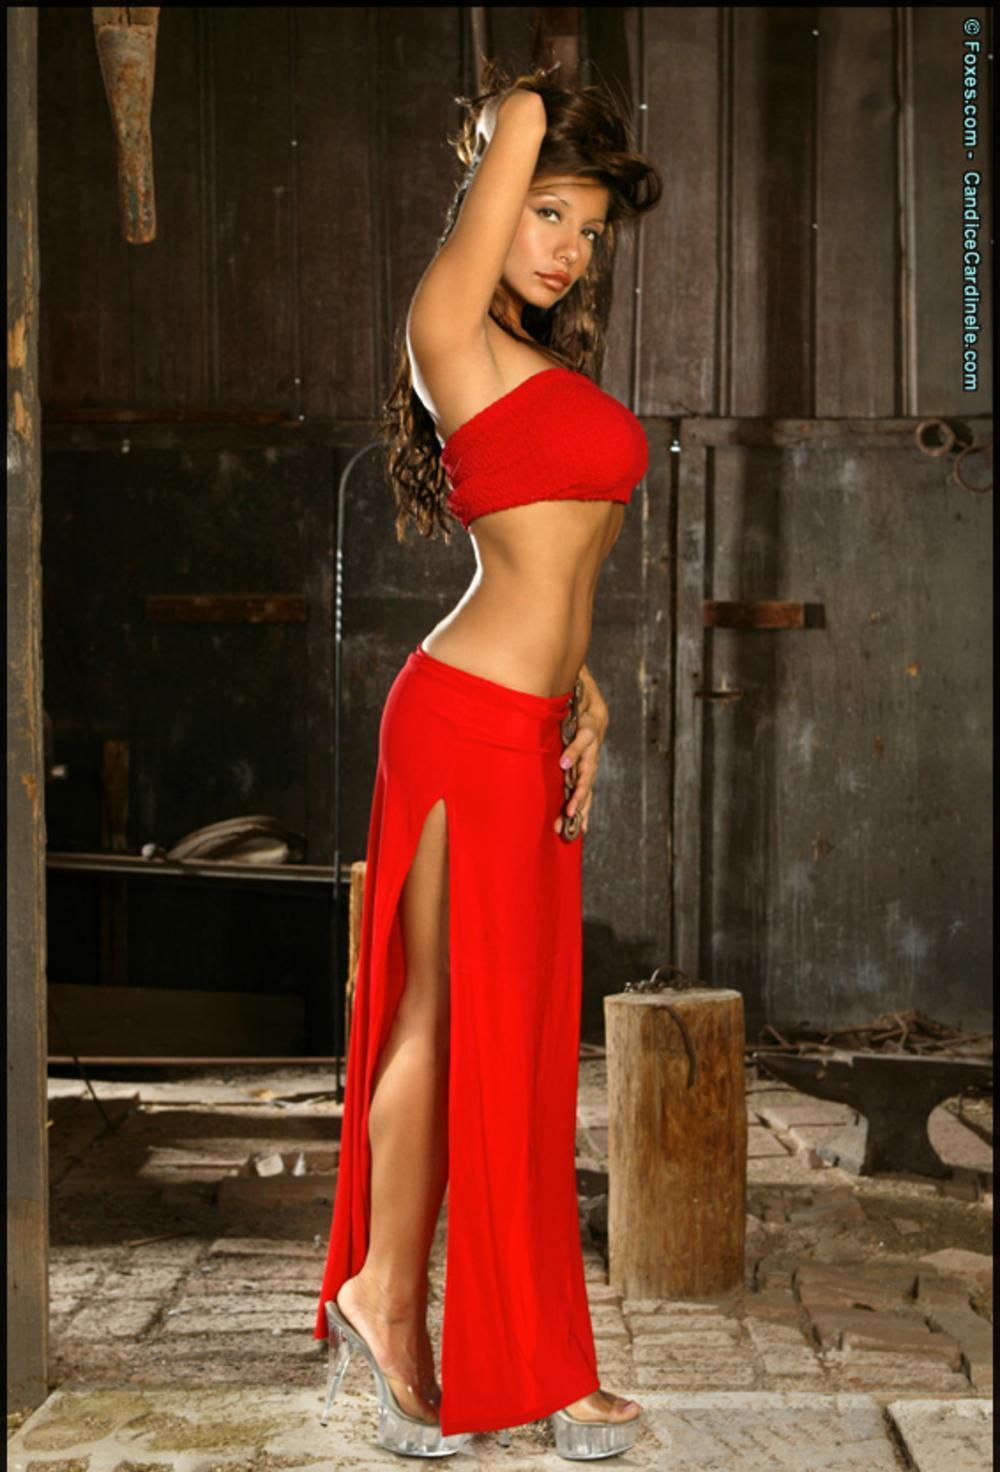 Девушки: Эротическая модель Глафира (16 фото)